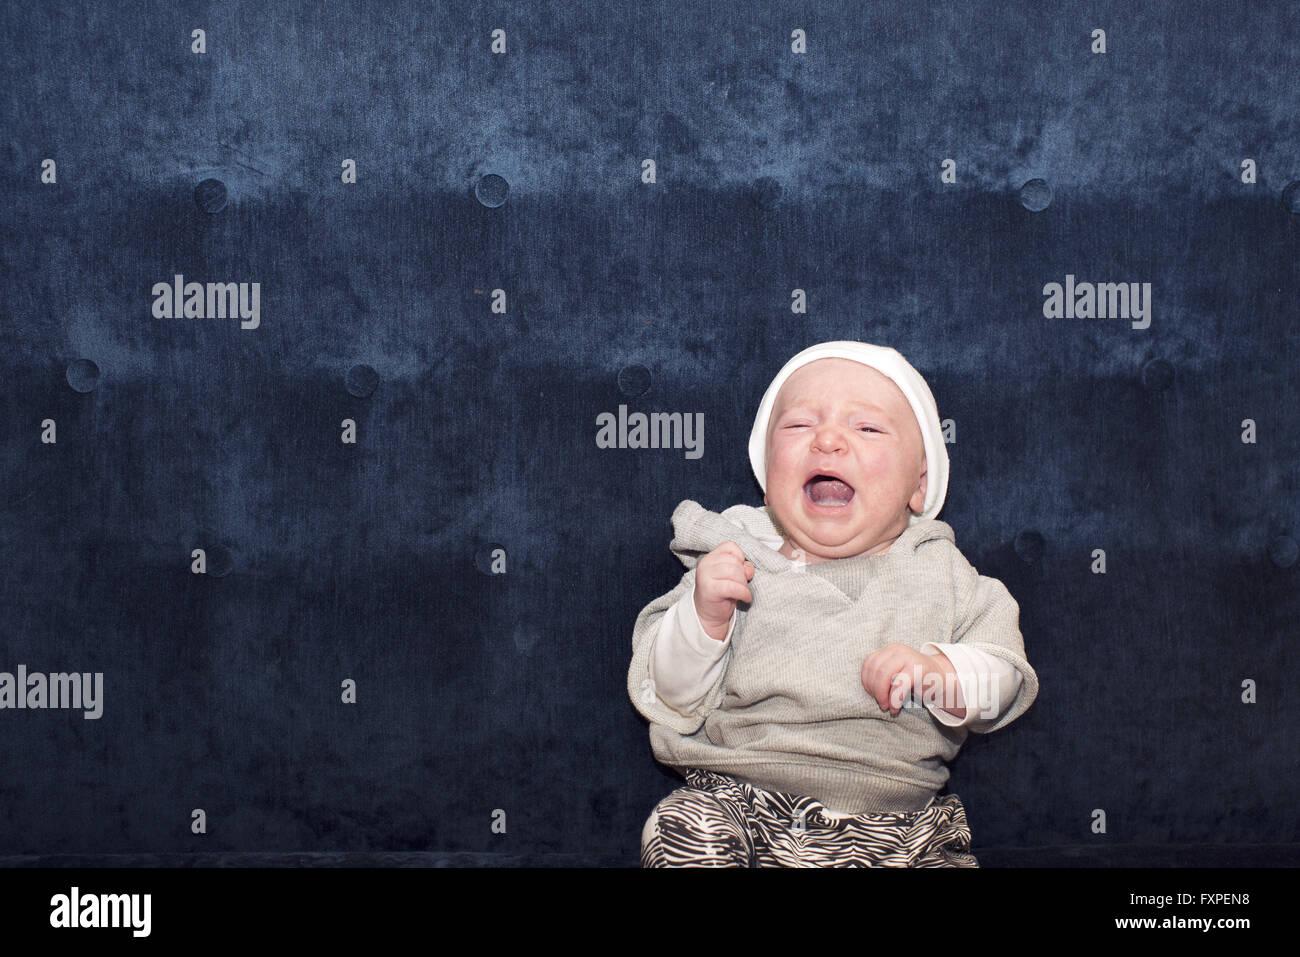 Baby, portrait - Stock Image